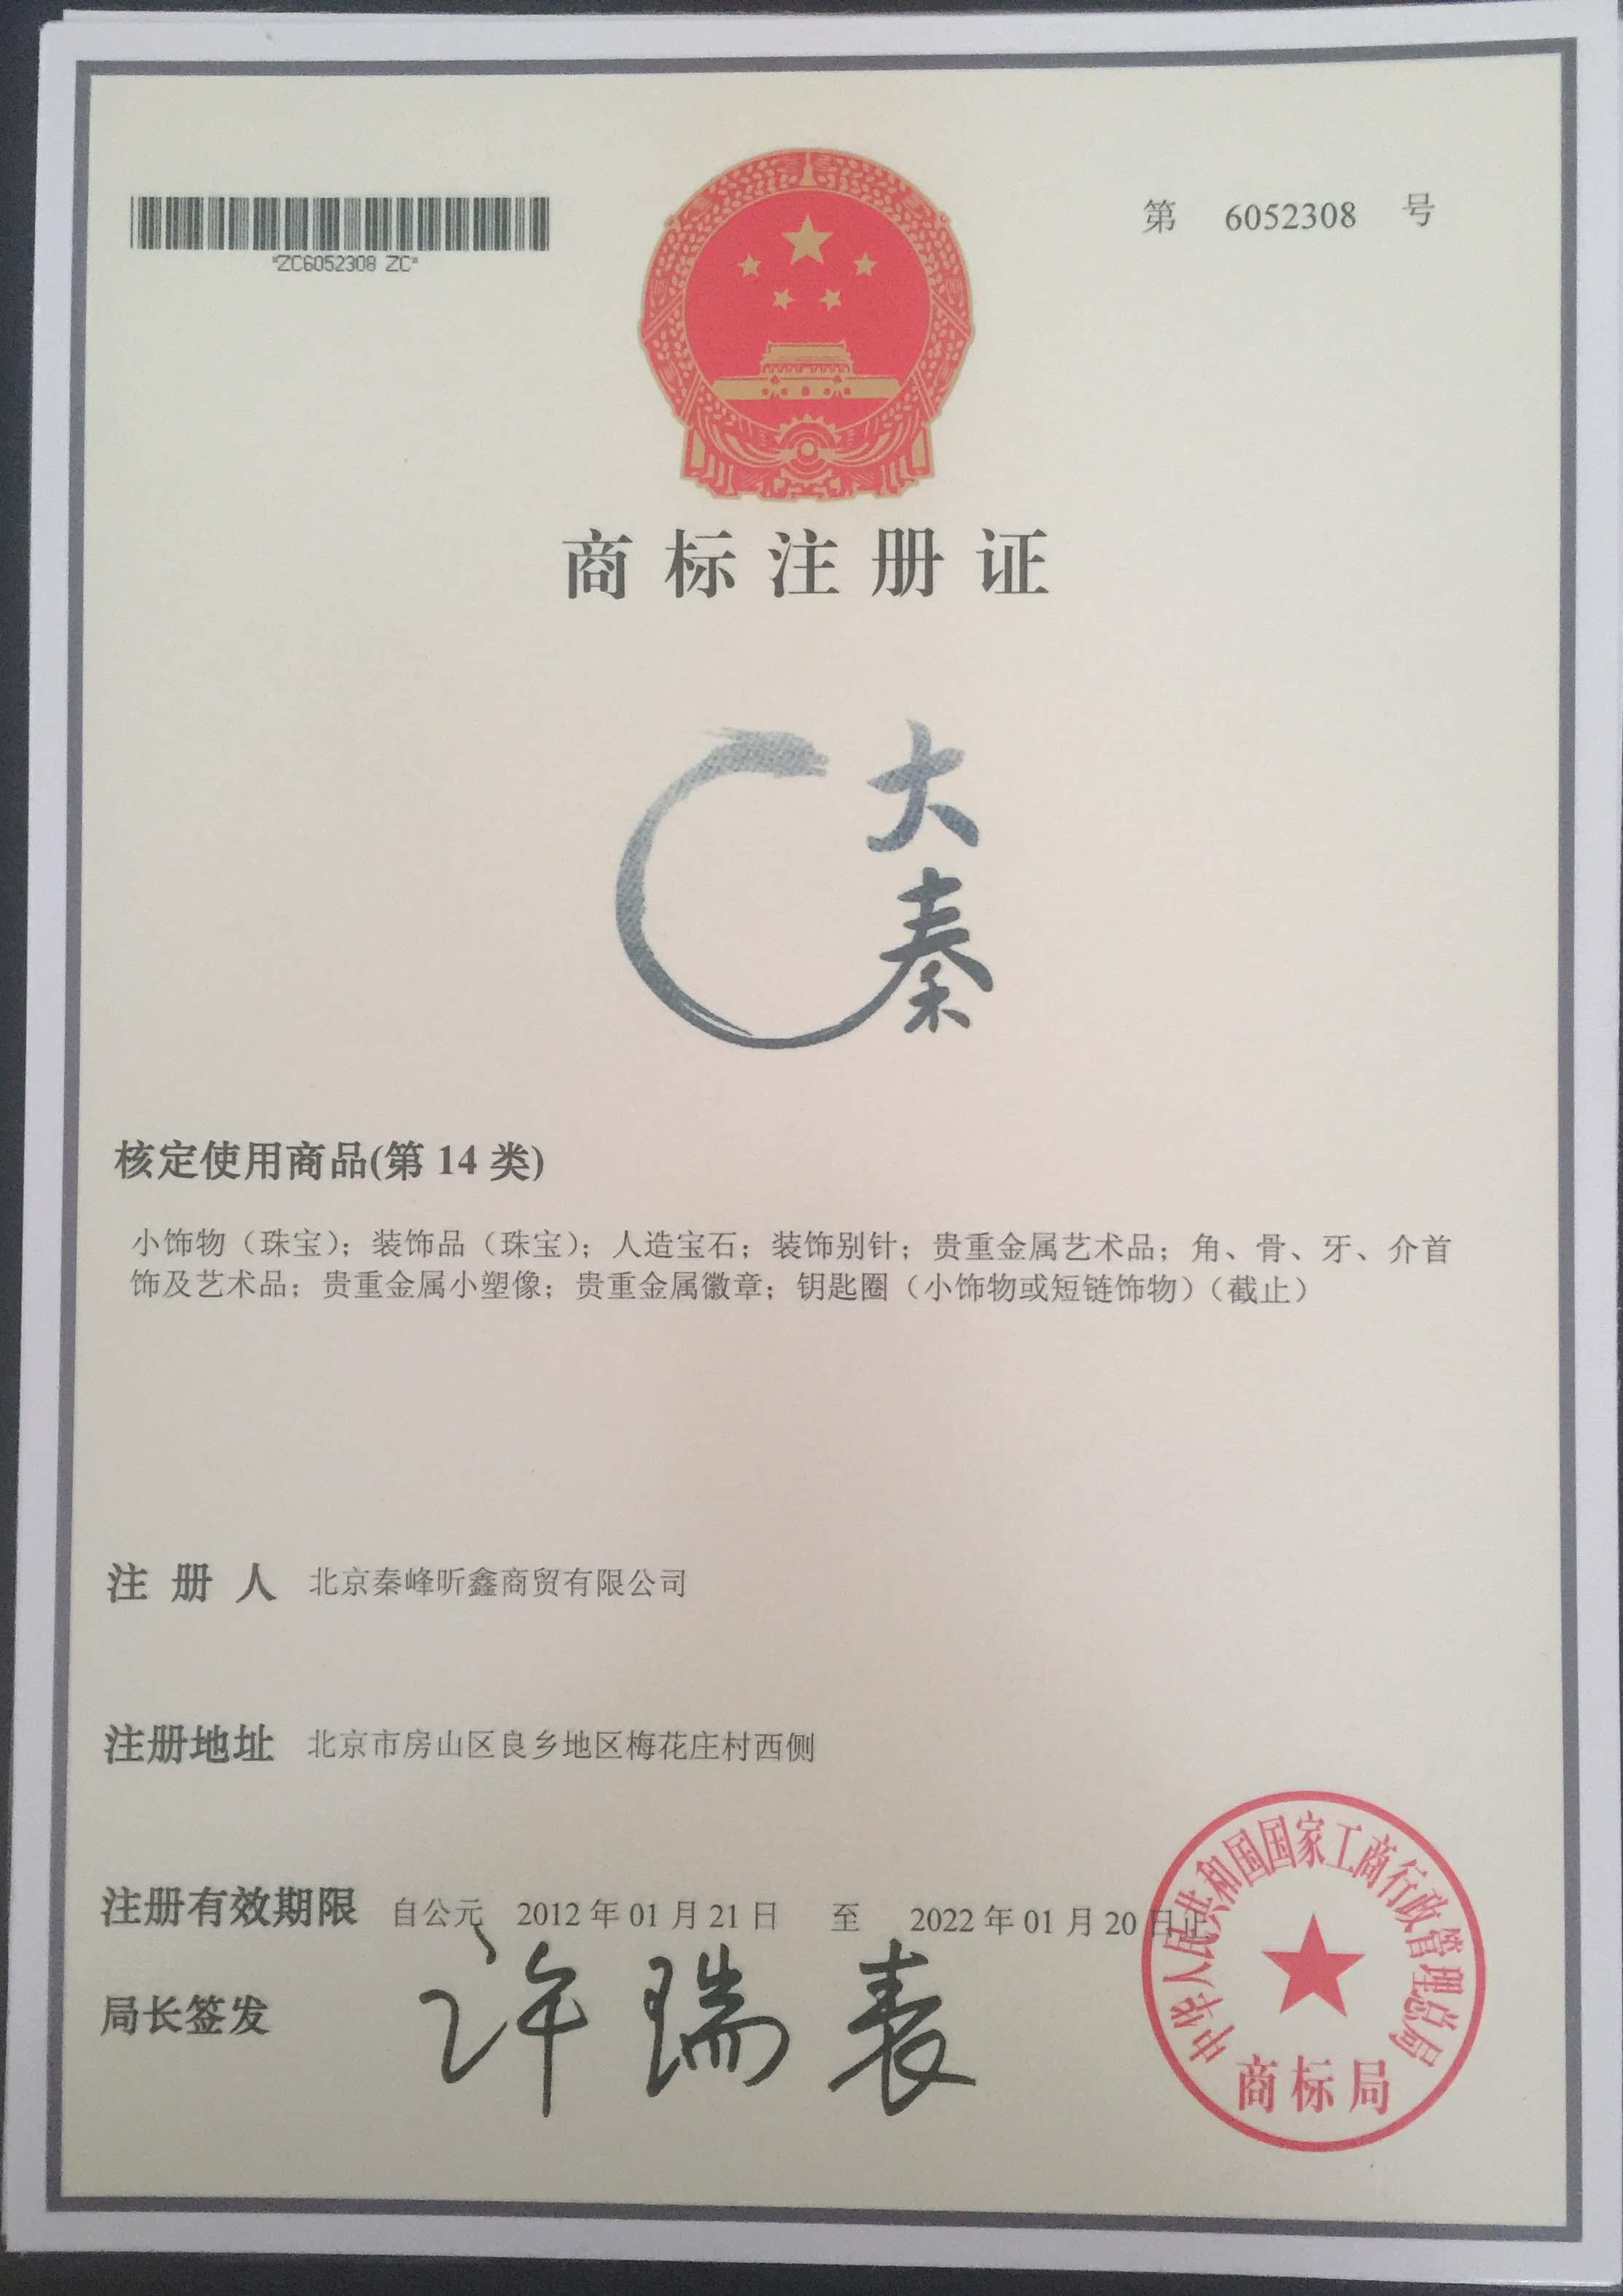 大秦 14类商标注册证